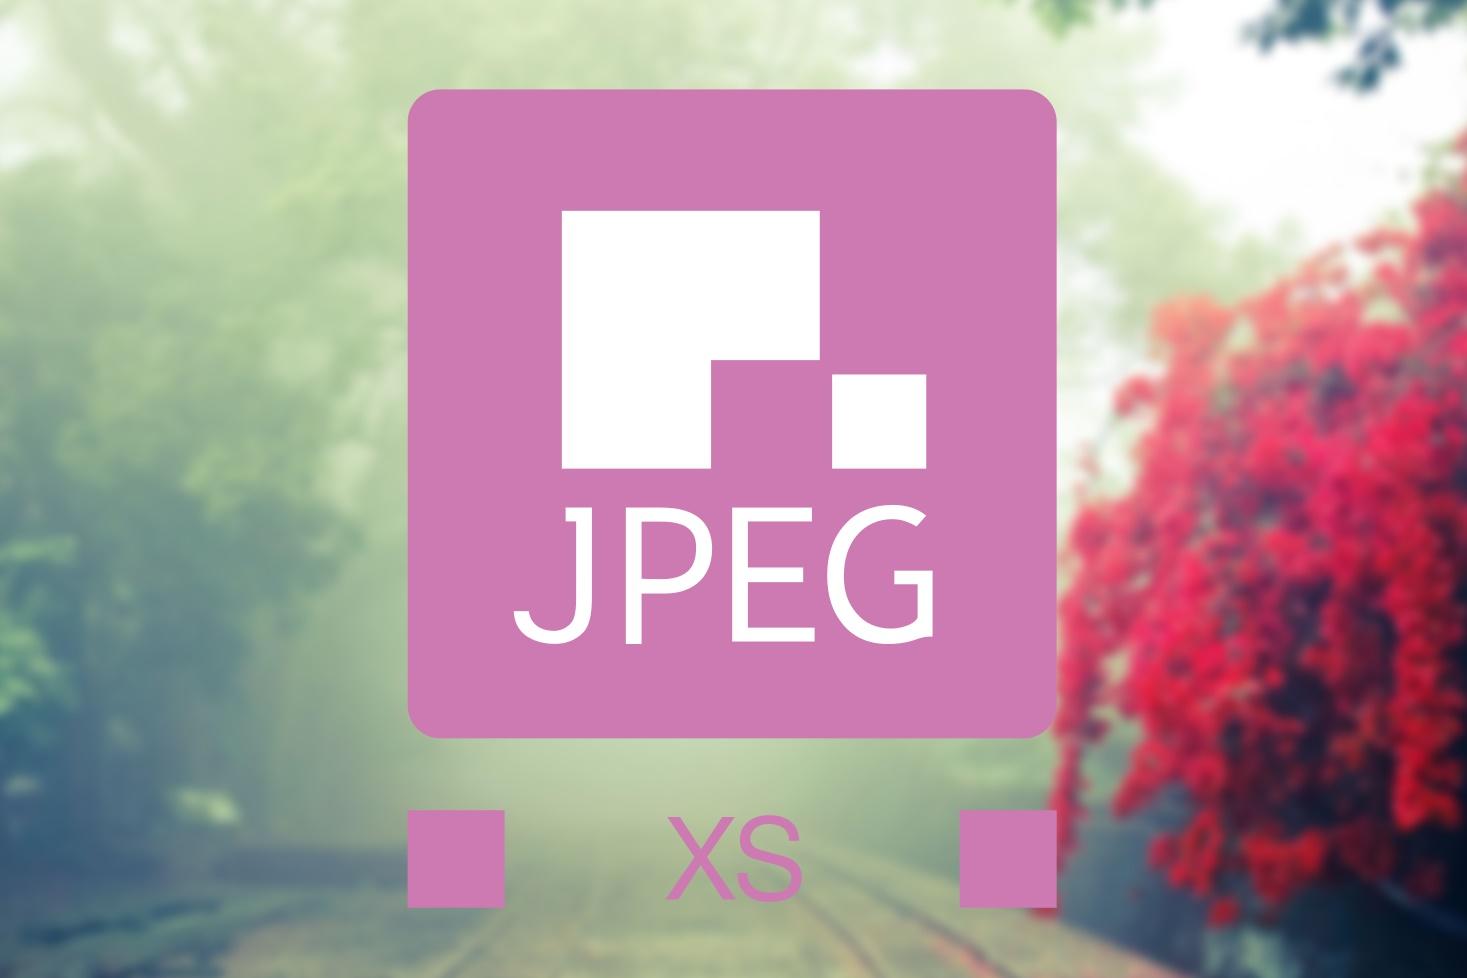 Imagem de JPEG XS é o novo formato de imagem dedicado a VR e streaming no tecmundo